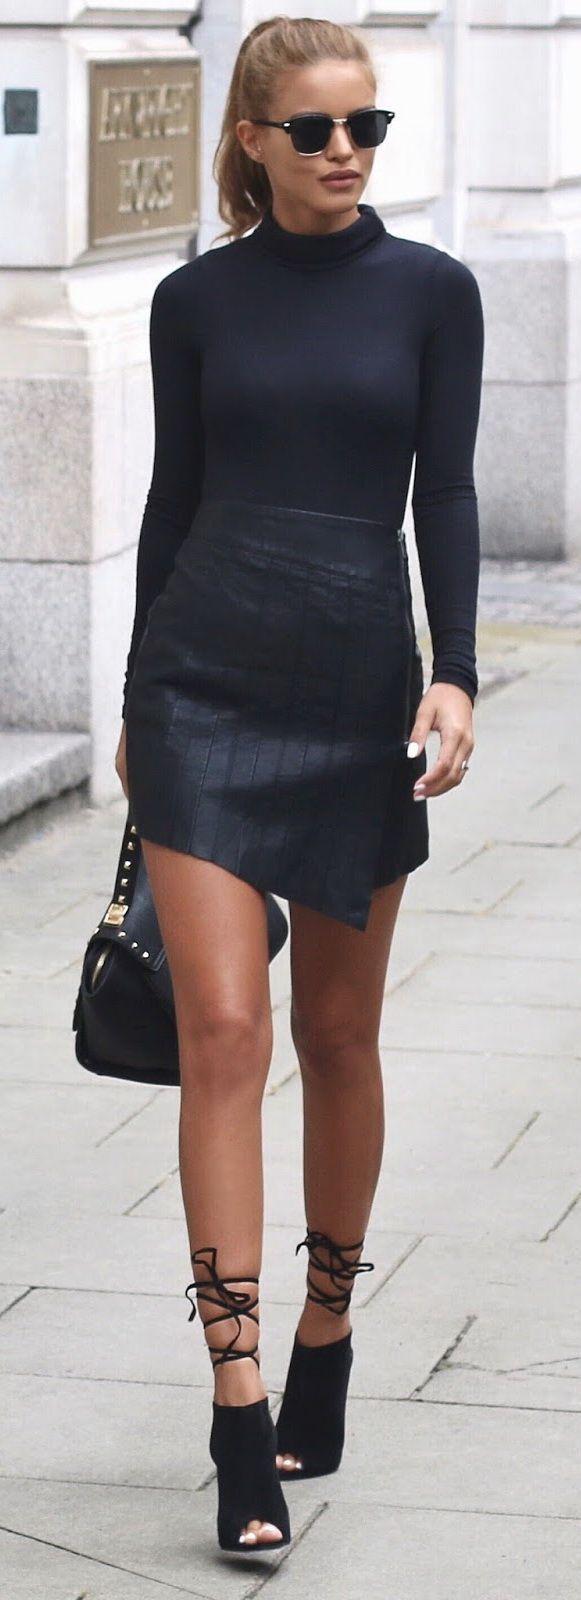 Resultado de imagen para top nylon mujer negro